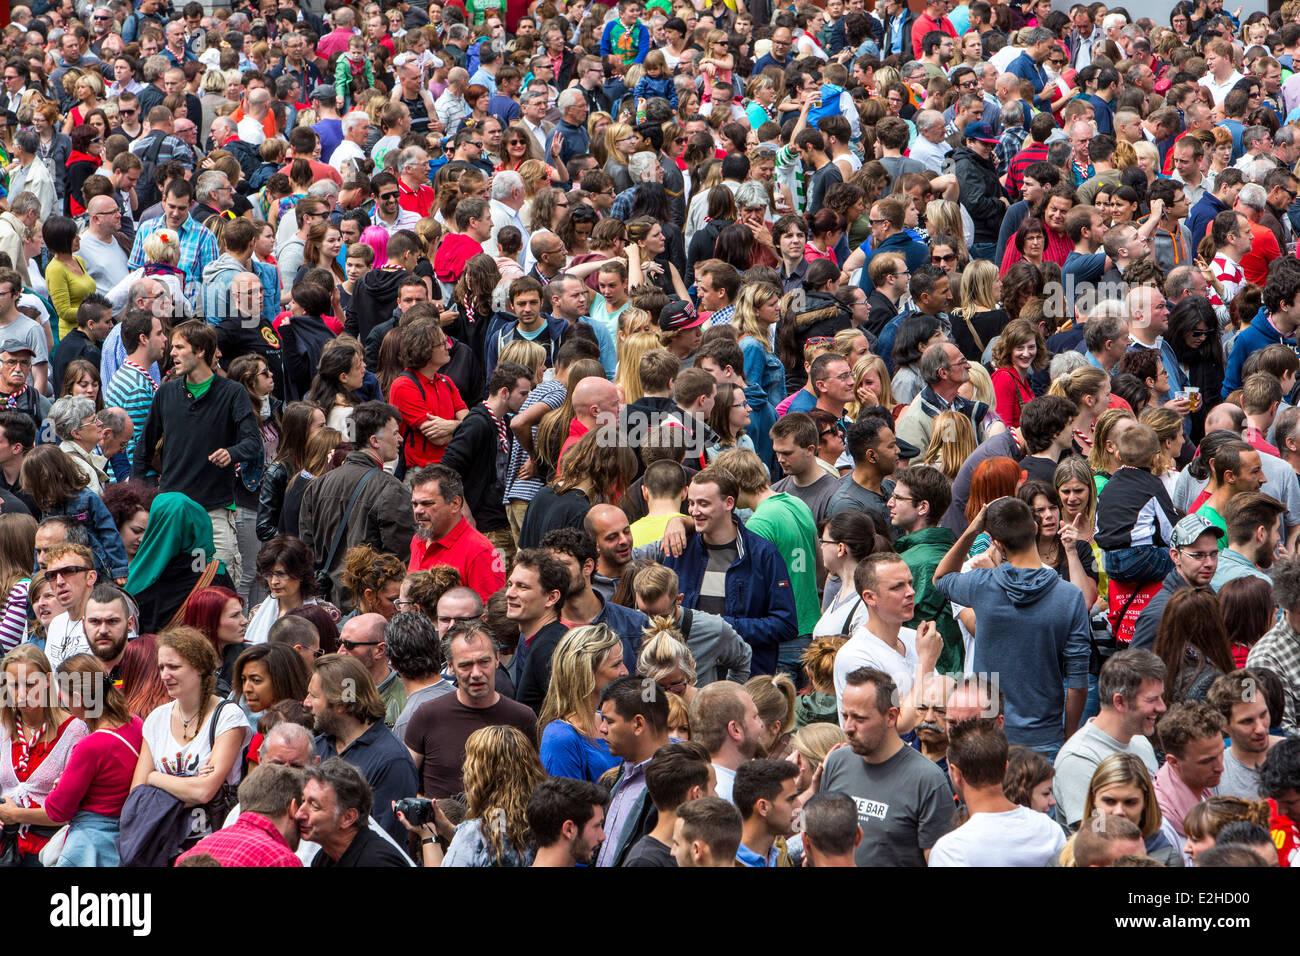 Foule, de nombreuses personnes dans un espace confiné, lors d'un festival, Photo Stock